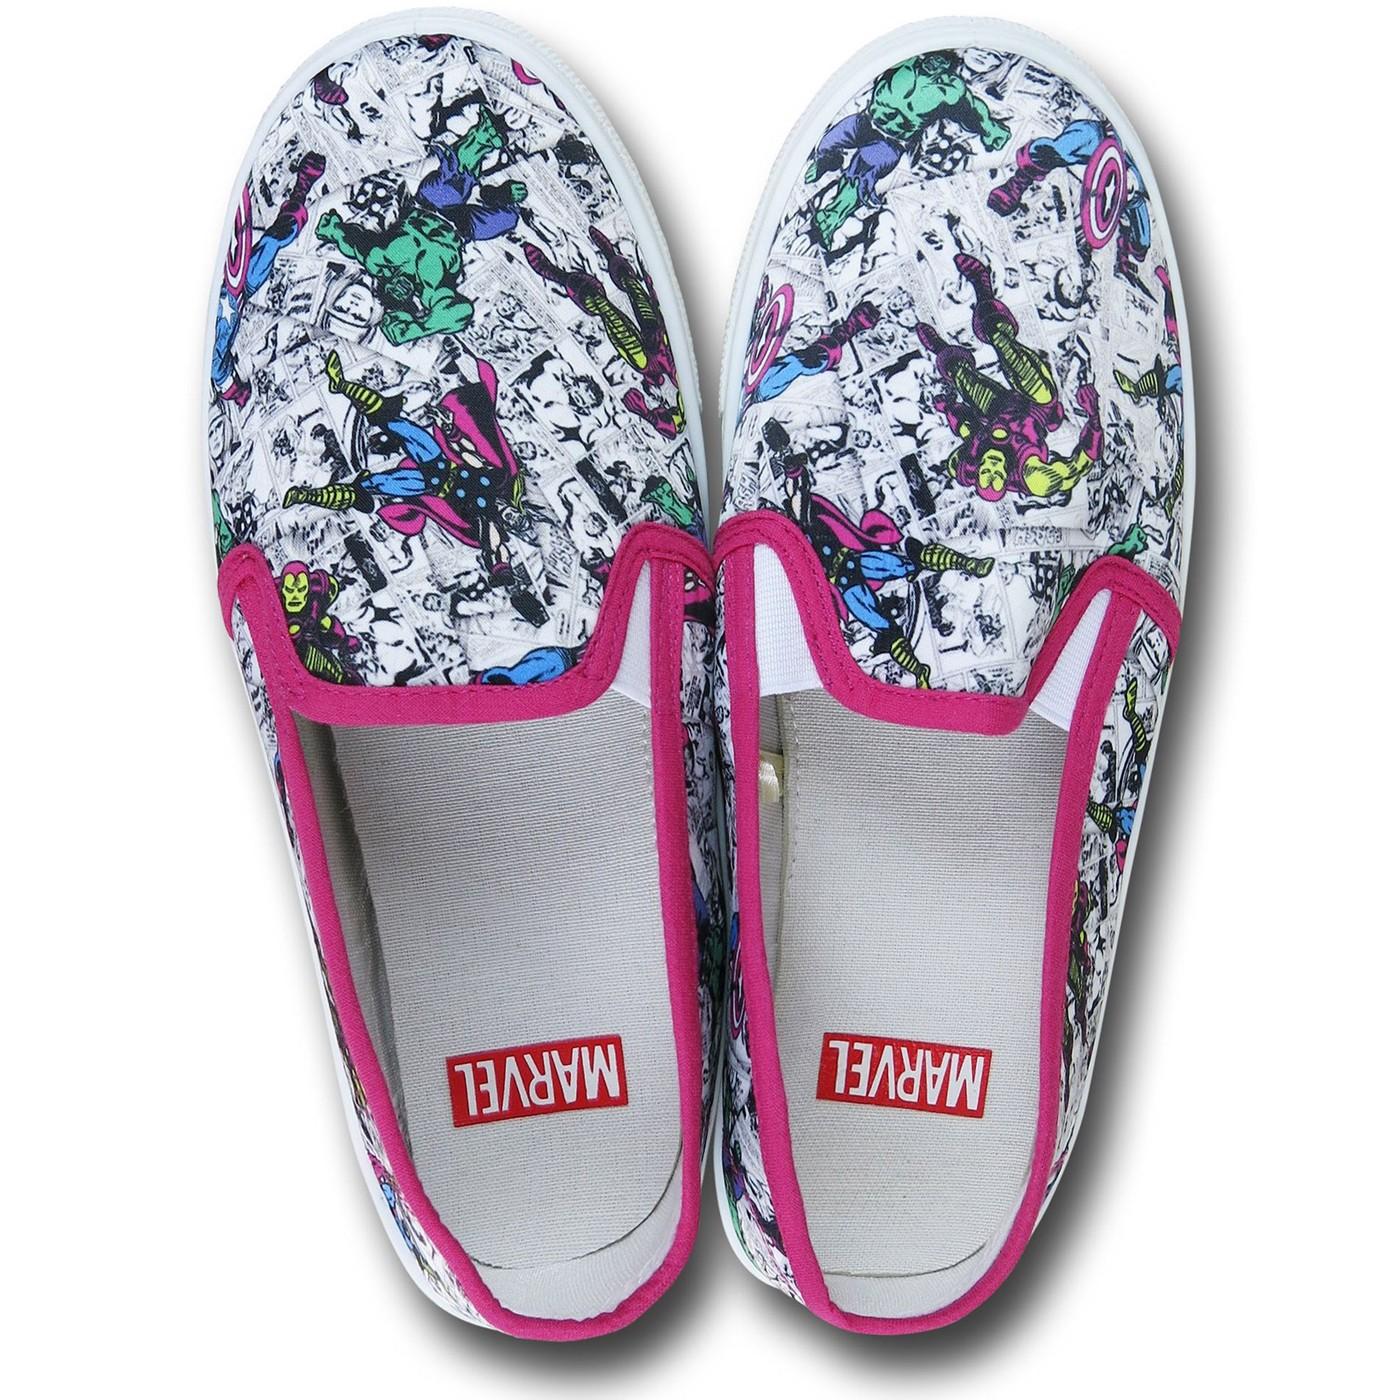 Marvel Women's Slip-On Sneakers